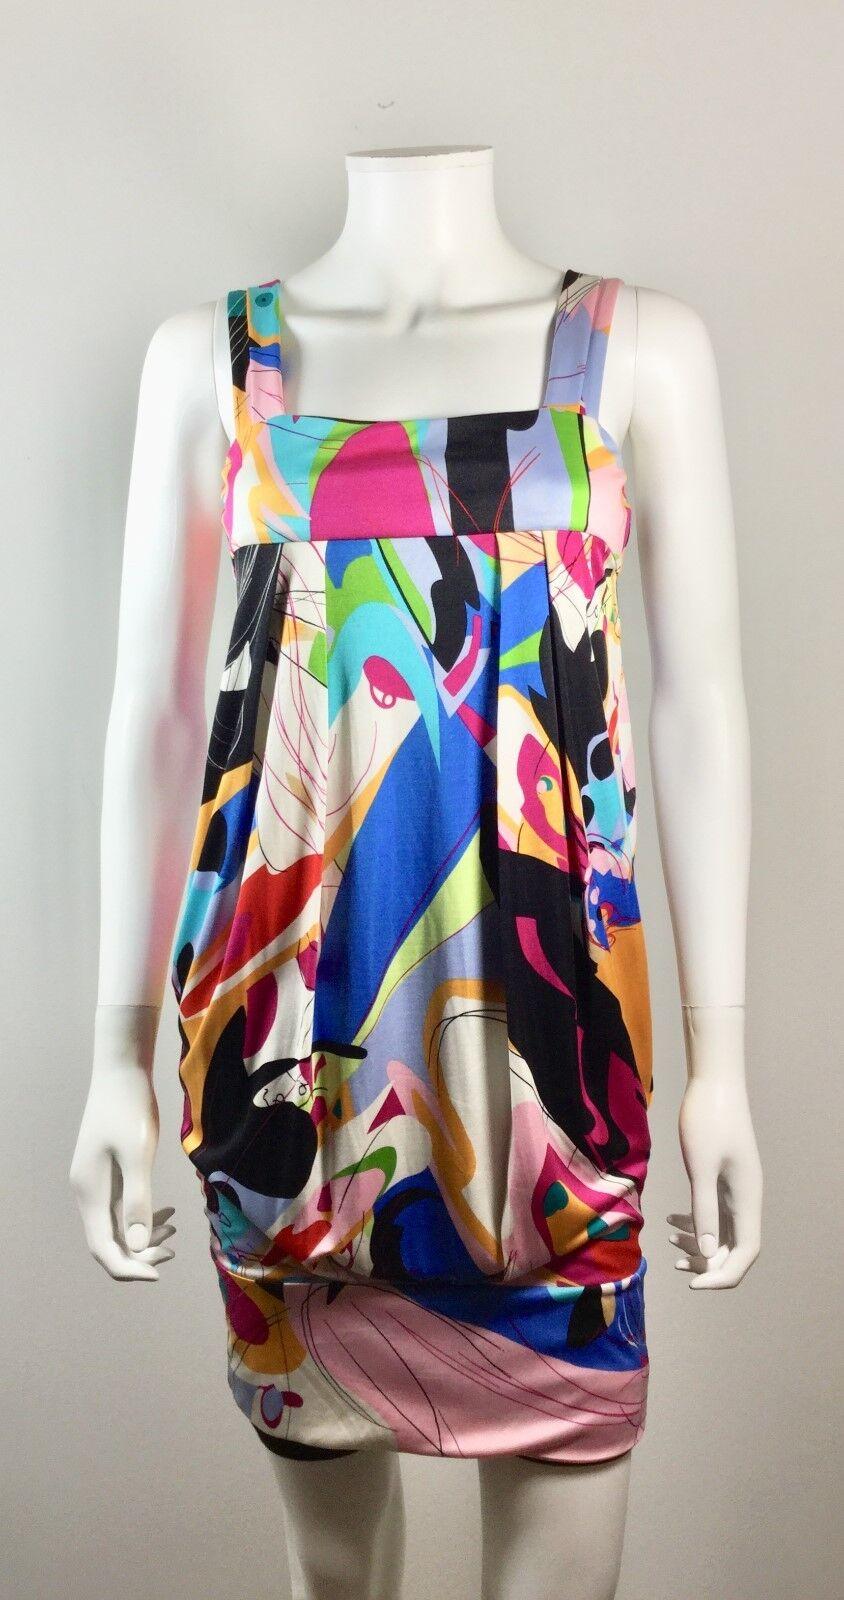 DVF DIANE VON FURSTENBERG Multi Farbe Silk ELIOT Tank Dress Größe 4